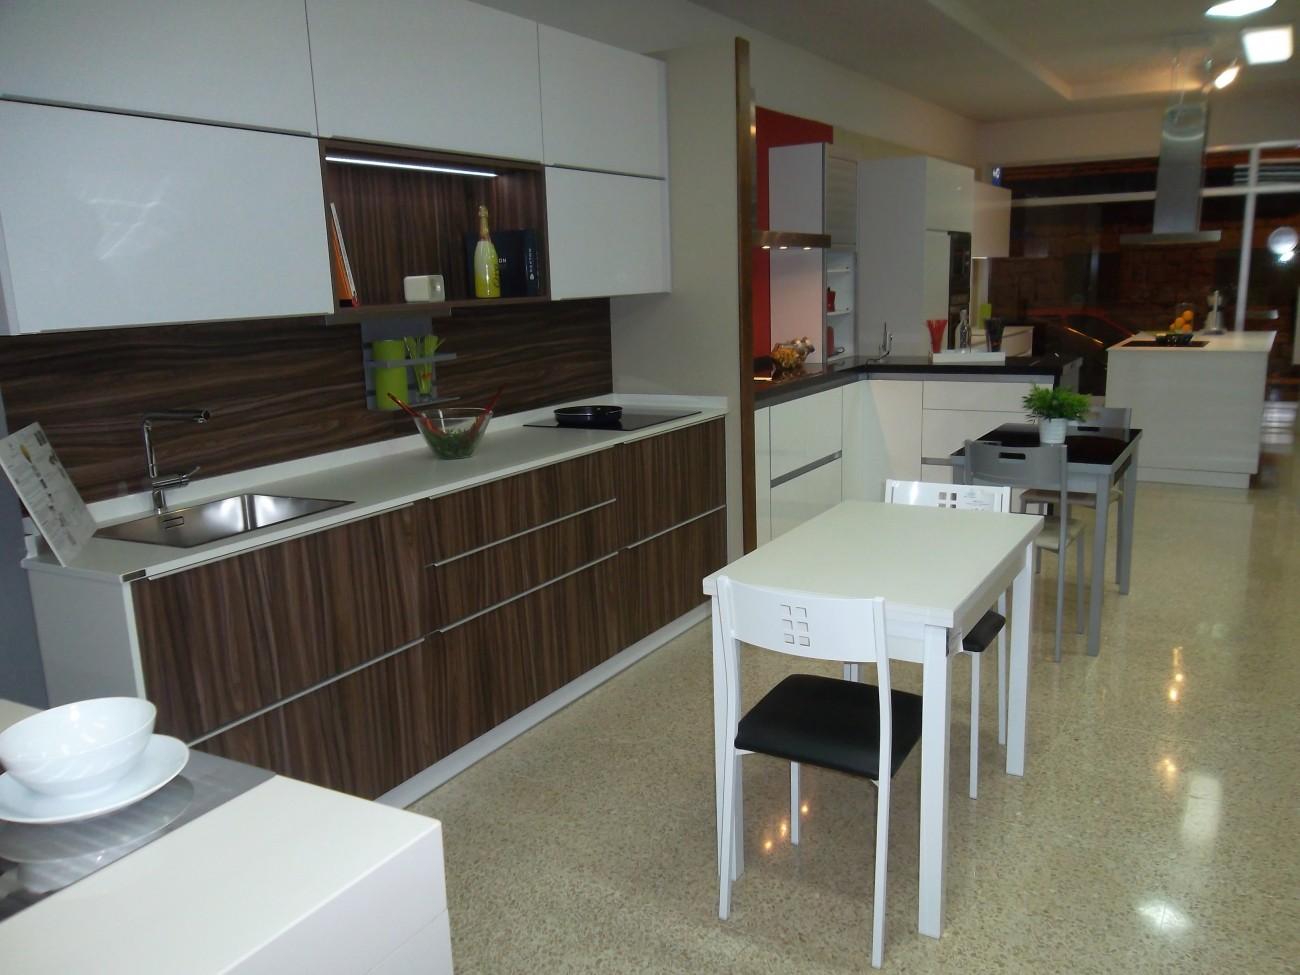 Tienda de muebles de cocina en collado villalba for Catalogo muebles de cocina